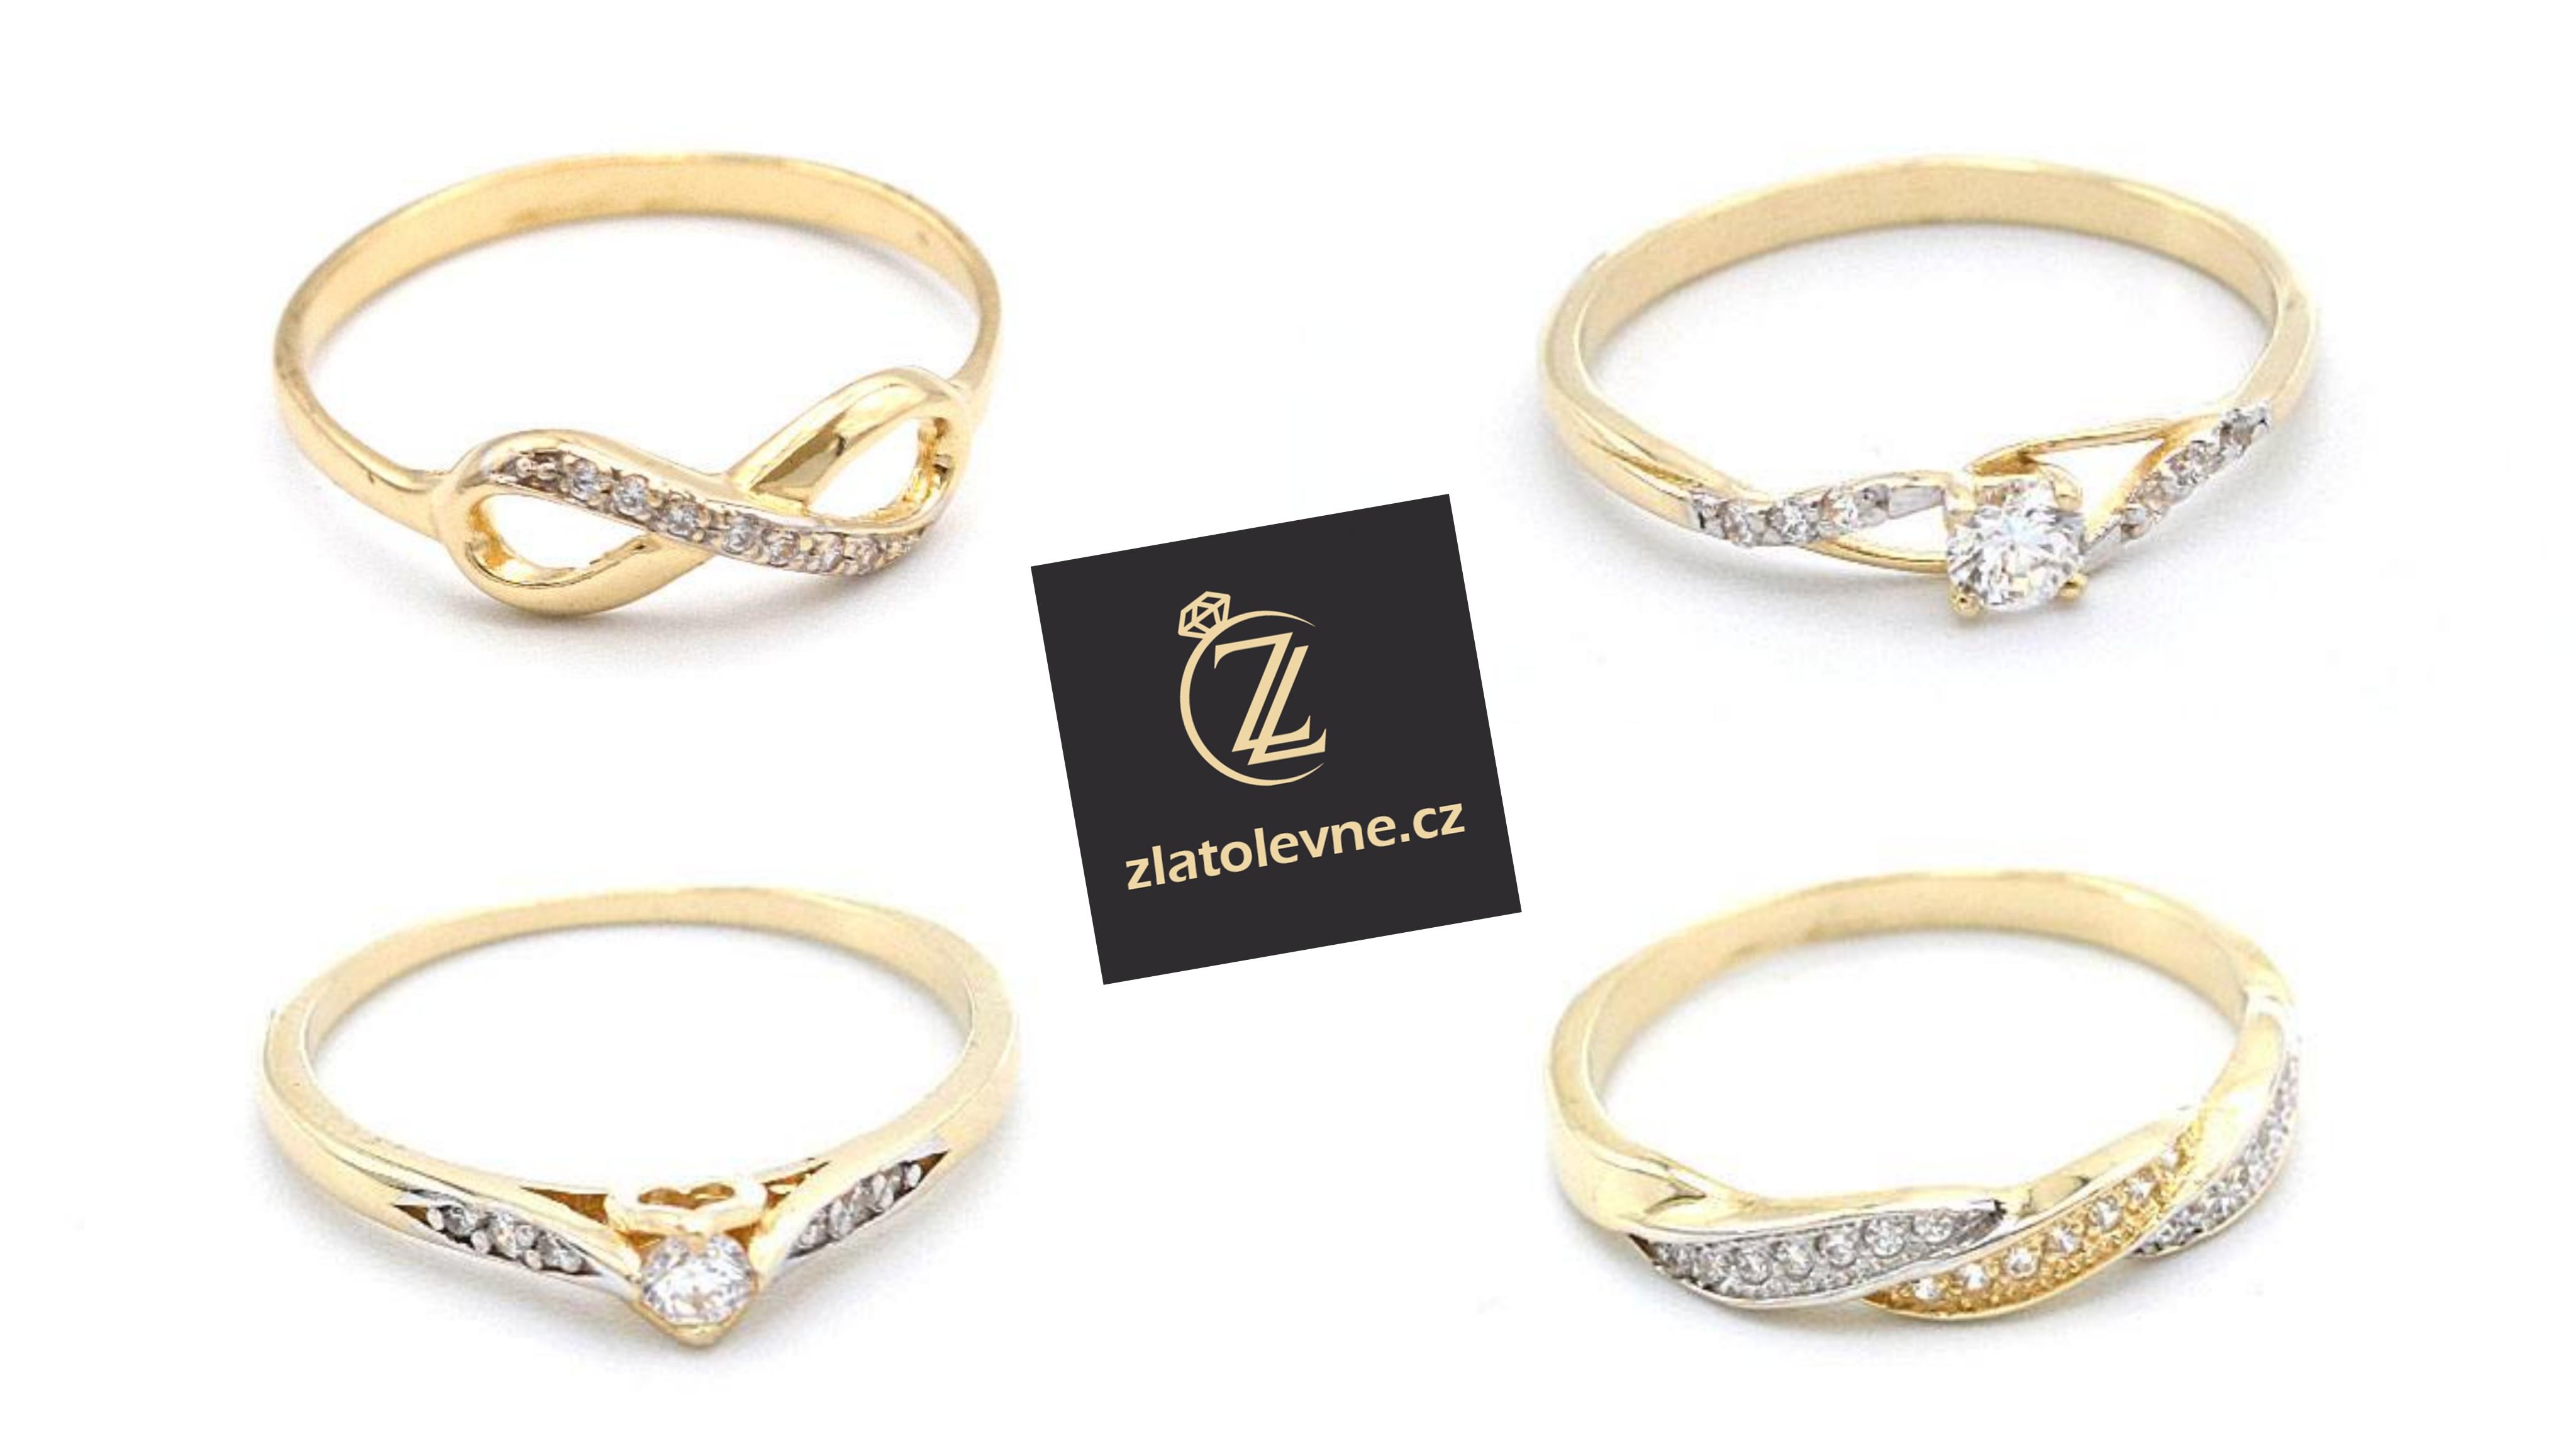 Novinky - zlaté prsteny